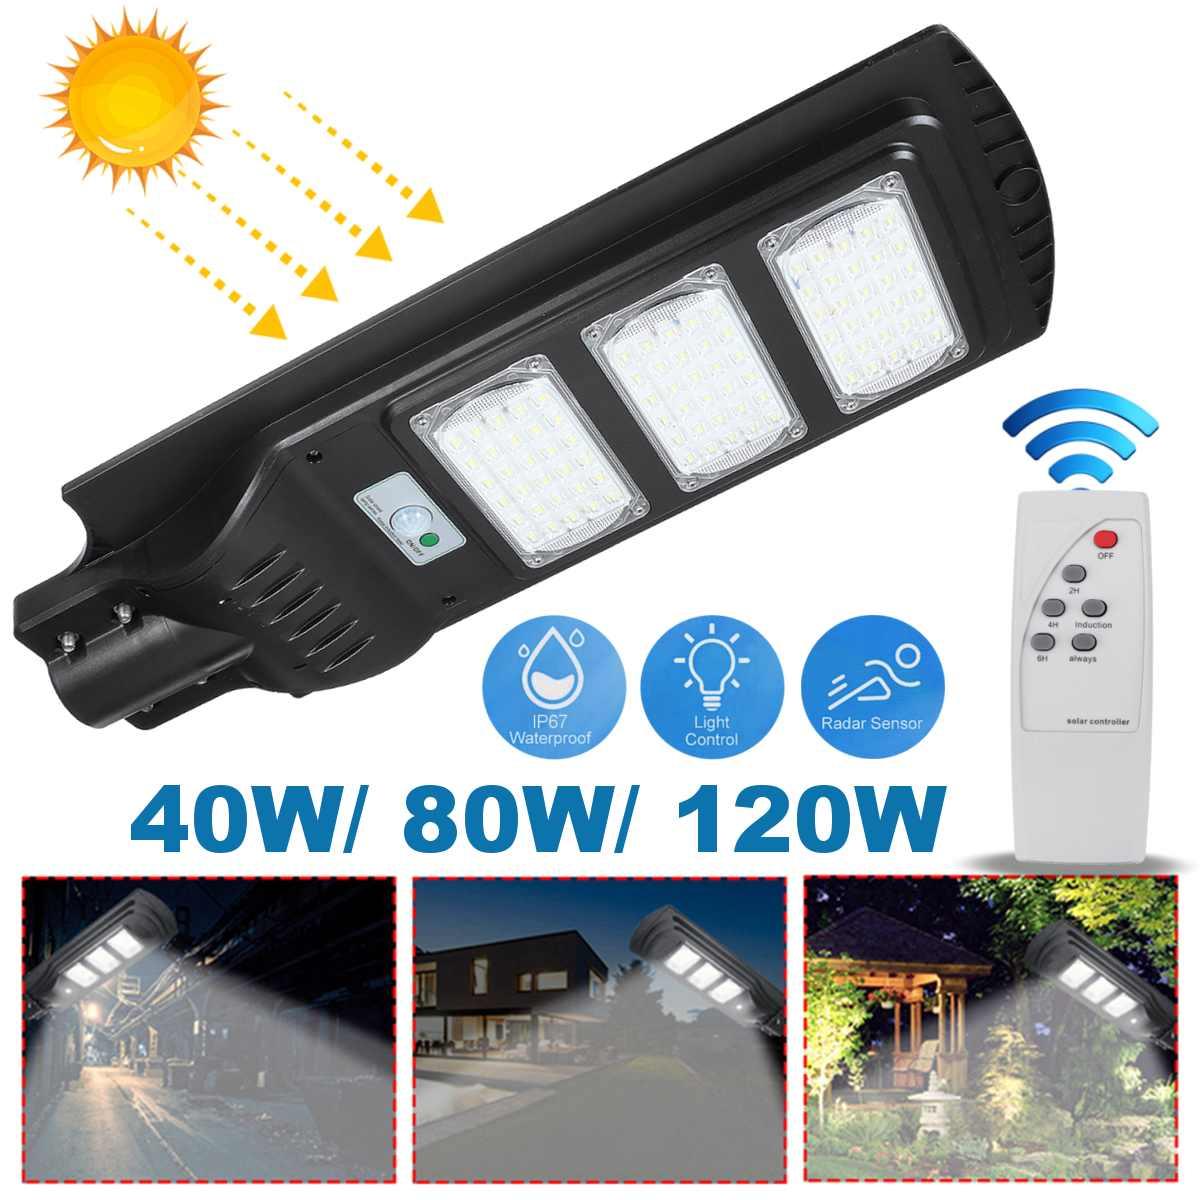 الطاقة الشمسية ضوء الشارع PIR مصباح لجهاز الاستشعار التحكم عن حديقة ساحة الطريق إضاءة آمنة في الهواء الطلق مصابيح الحائط 120 واط 21000 التجويف 90 LED